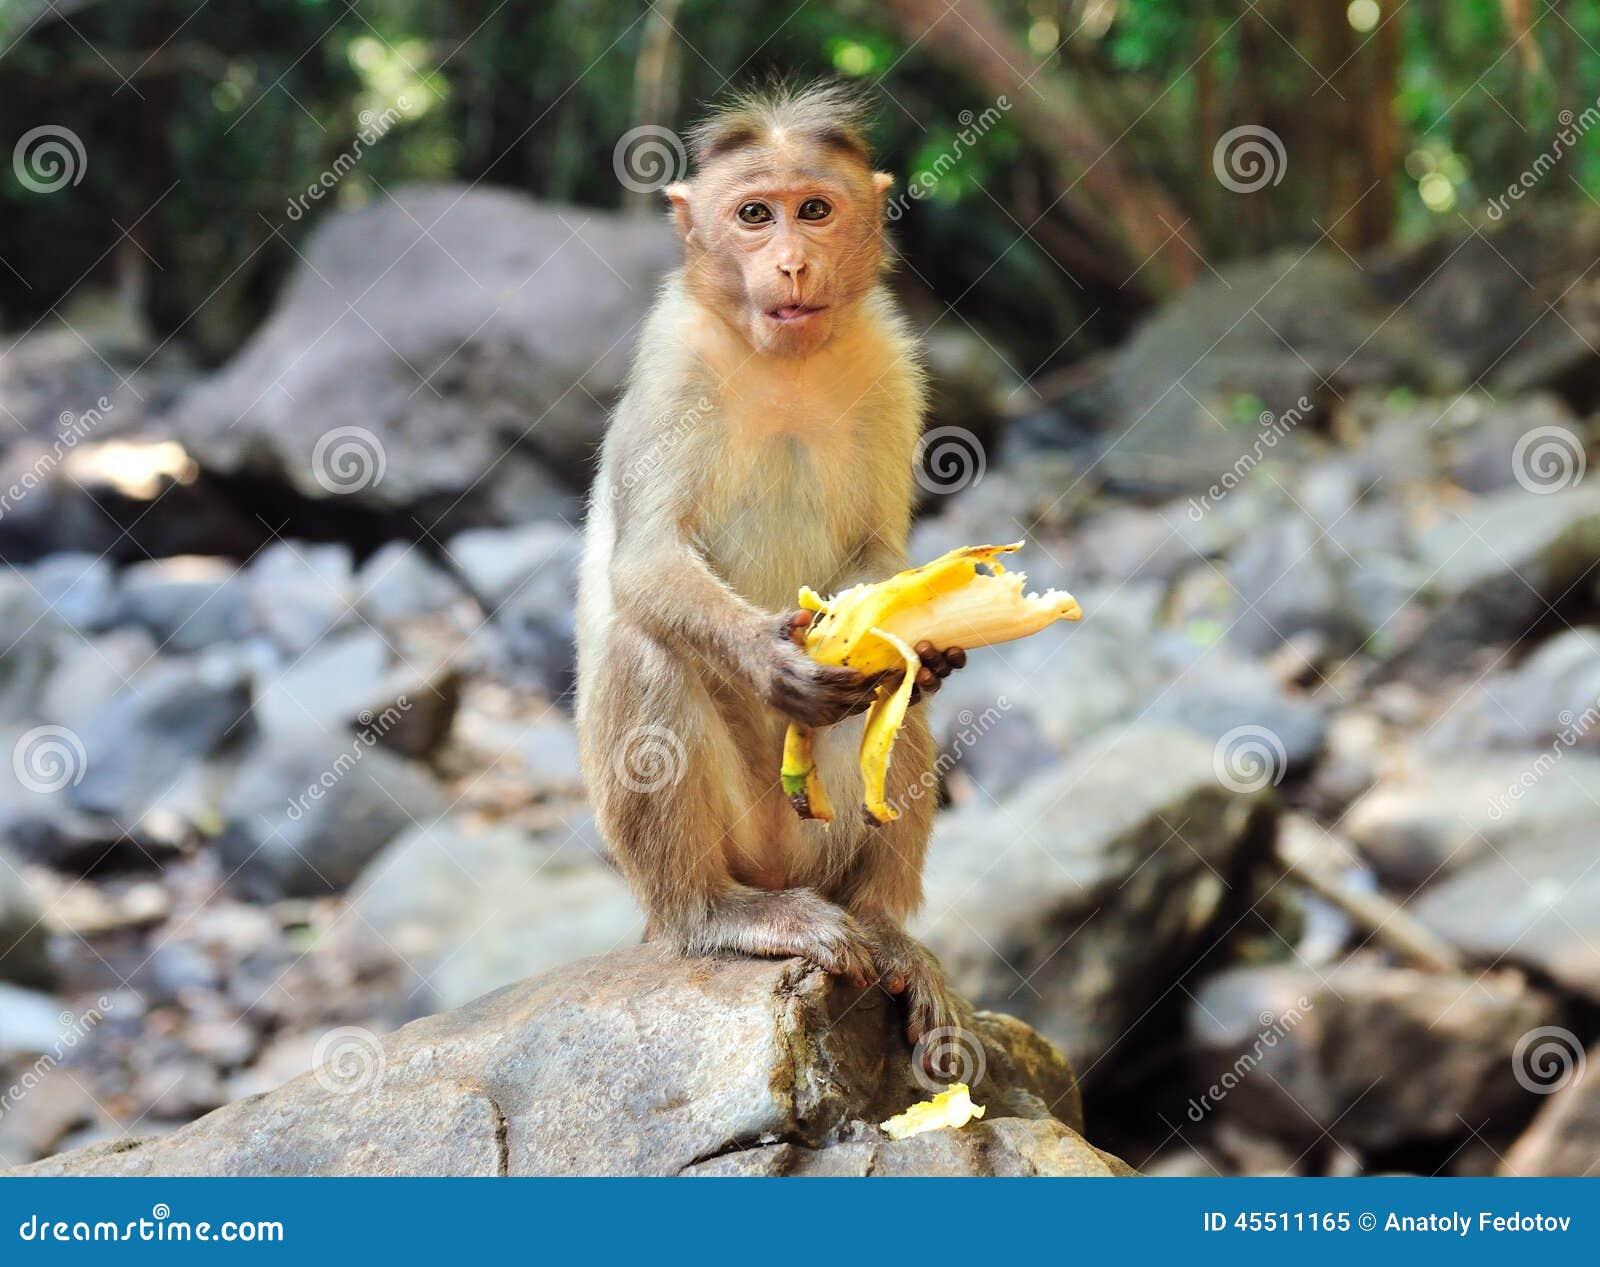 Mała małpa siedzi na kamieniu i je banana